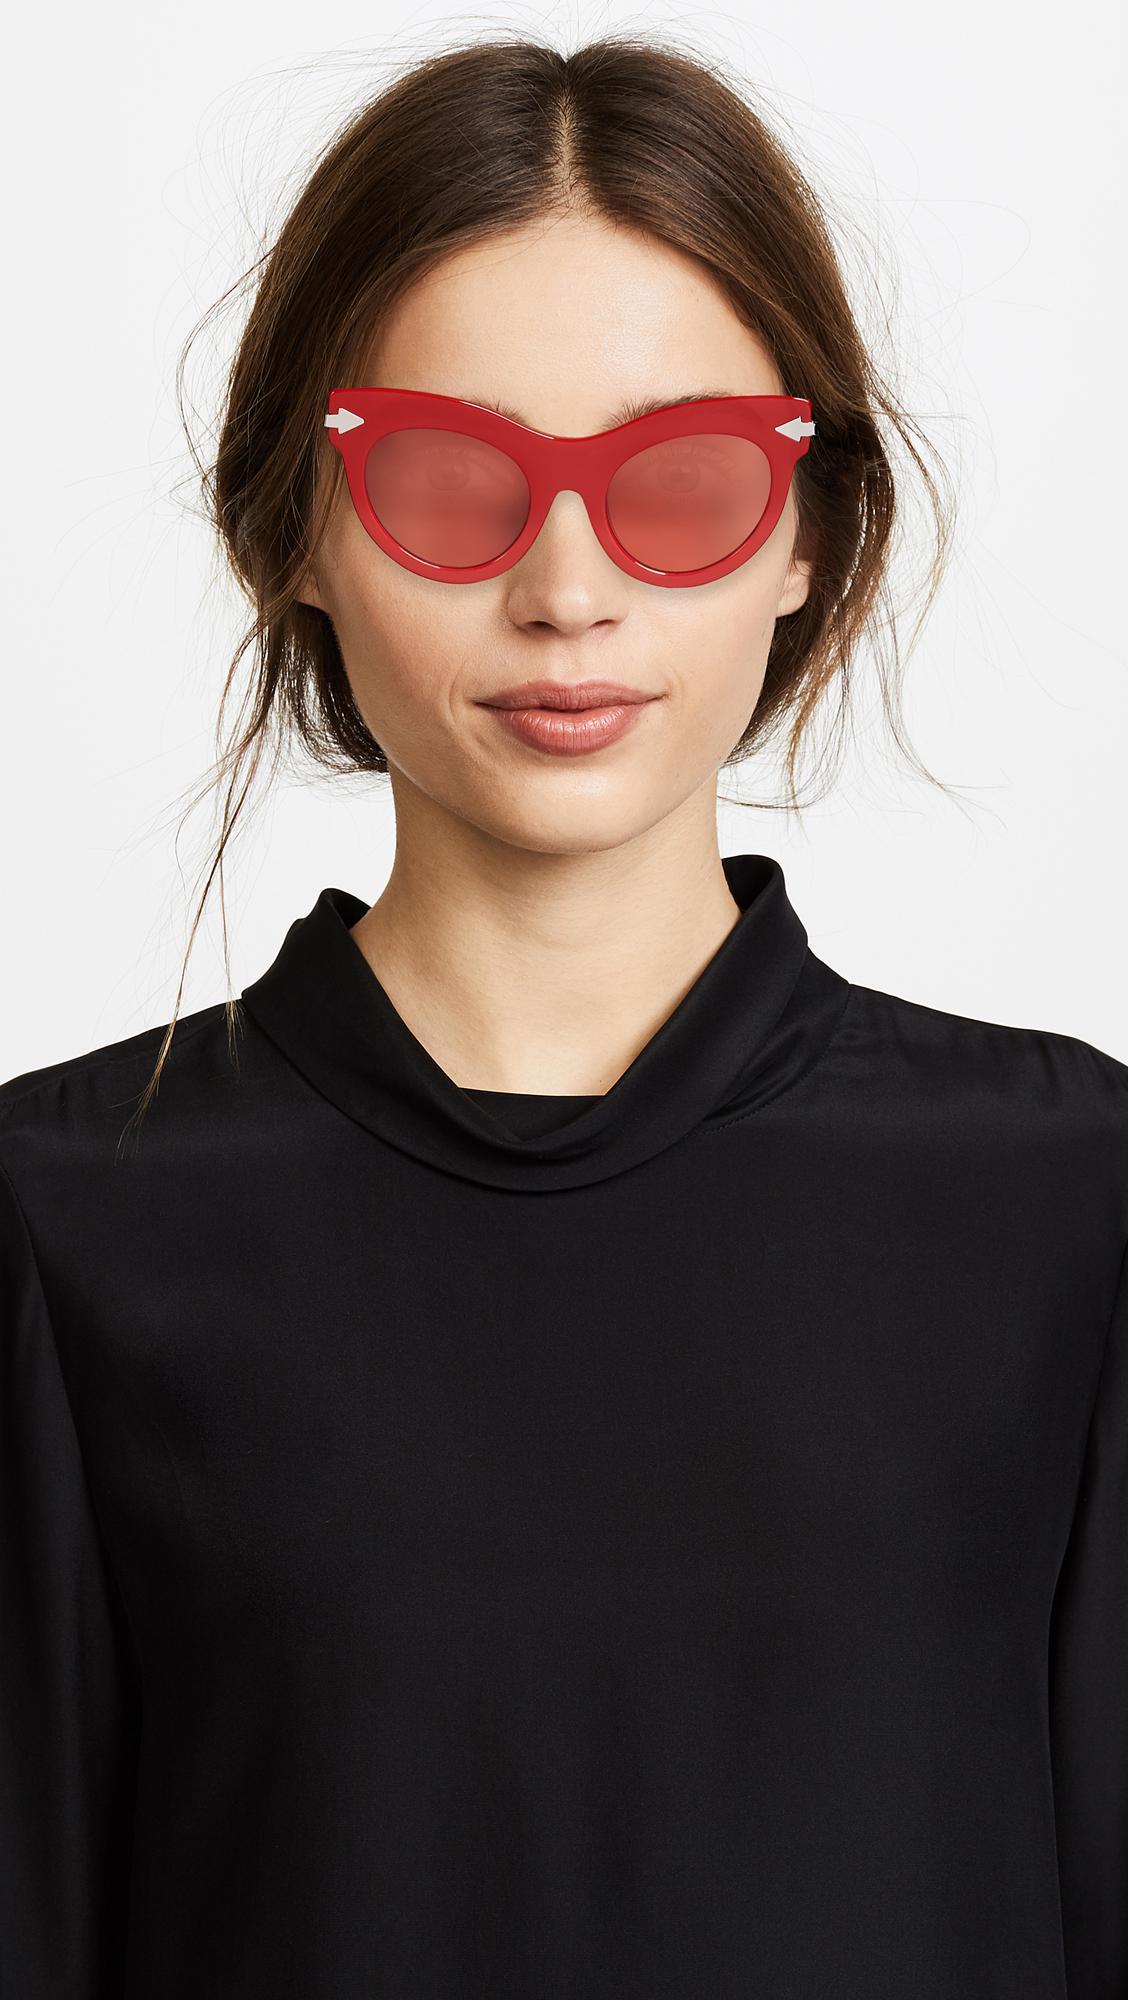 3287b94bea8b Karen Walker Miss Lark Sunglasses in Red - Lyst